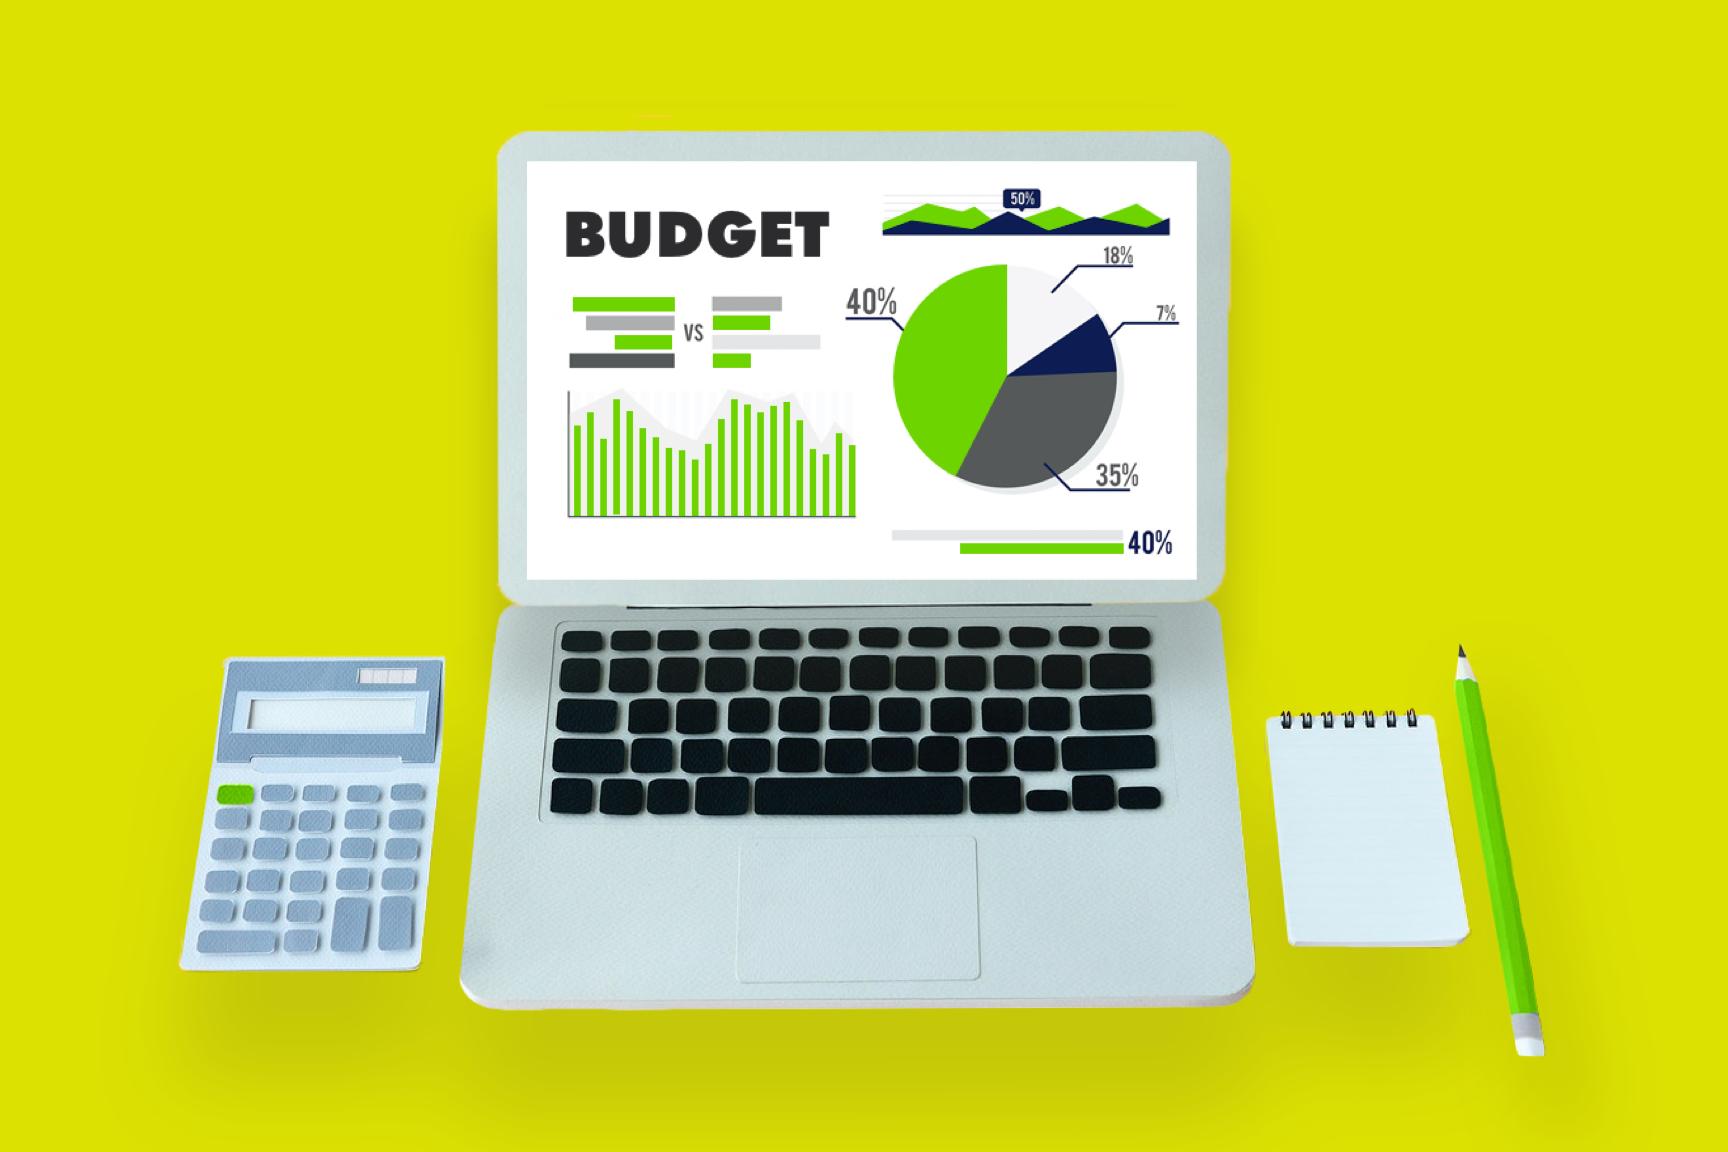 Software development budget